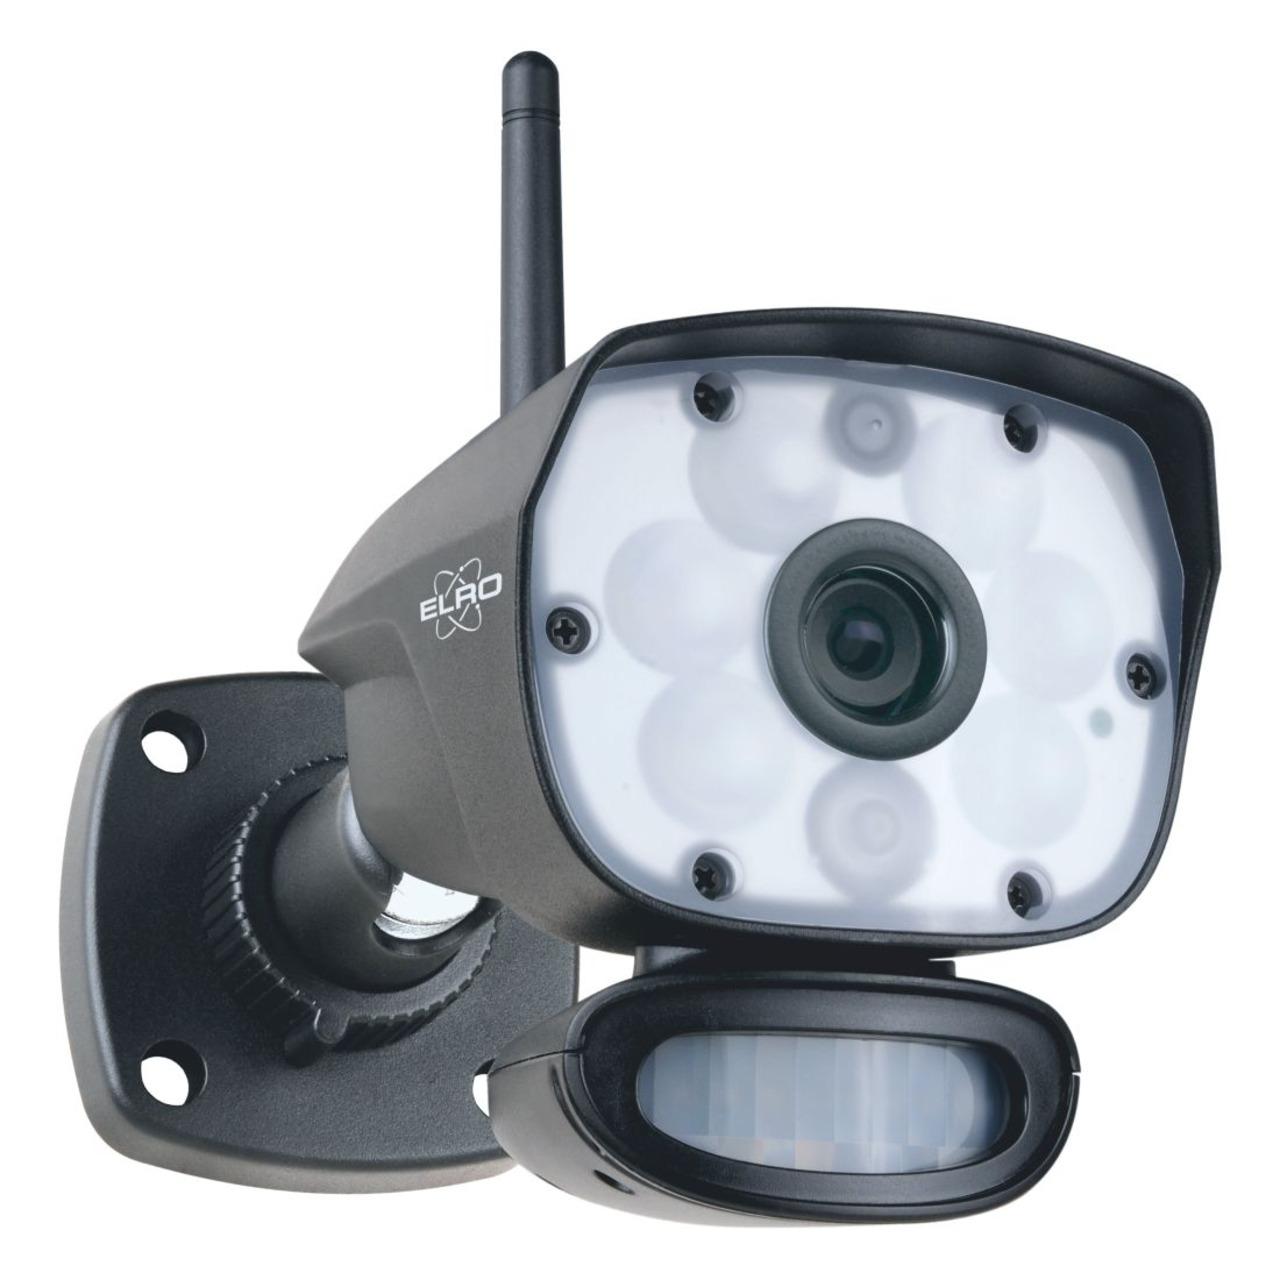 ELRO Funk-Zusatzkamera CC60RXX11- Full-HD (1080p) - geeignet fund-252 r Funk-Kamerasystem CZ60RIP11S